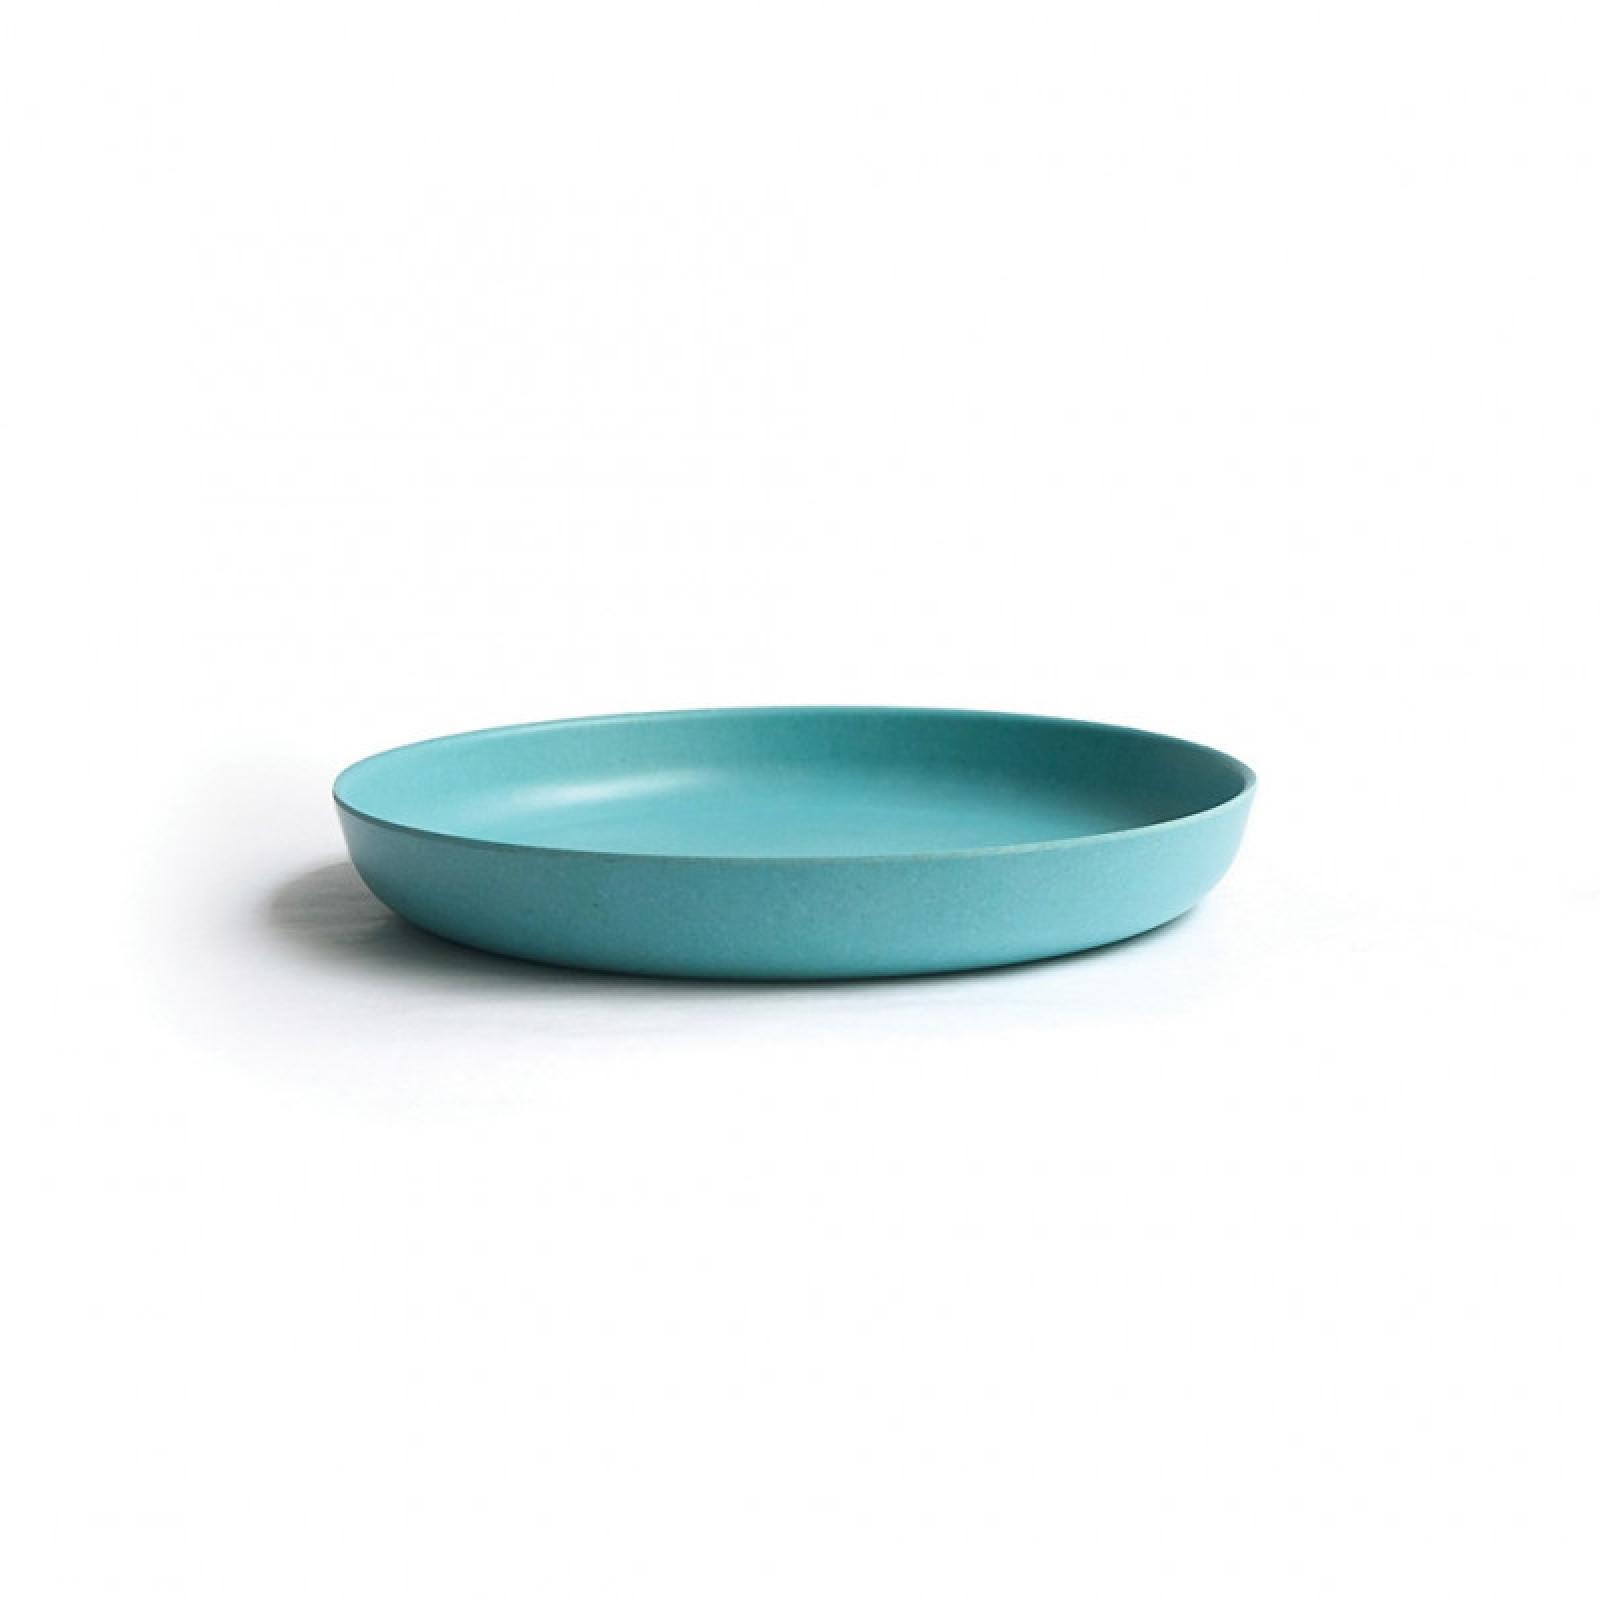 EKOBO Bamboo Small Plate - Lagoon dětský talíř 18x2,5 cm